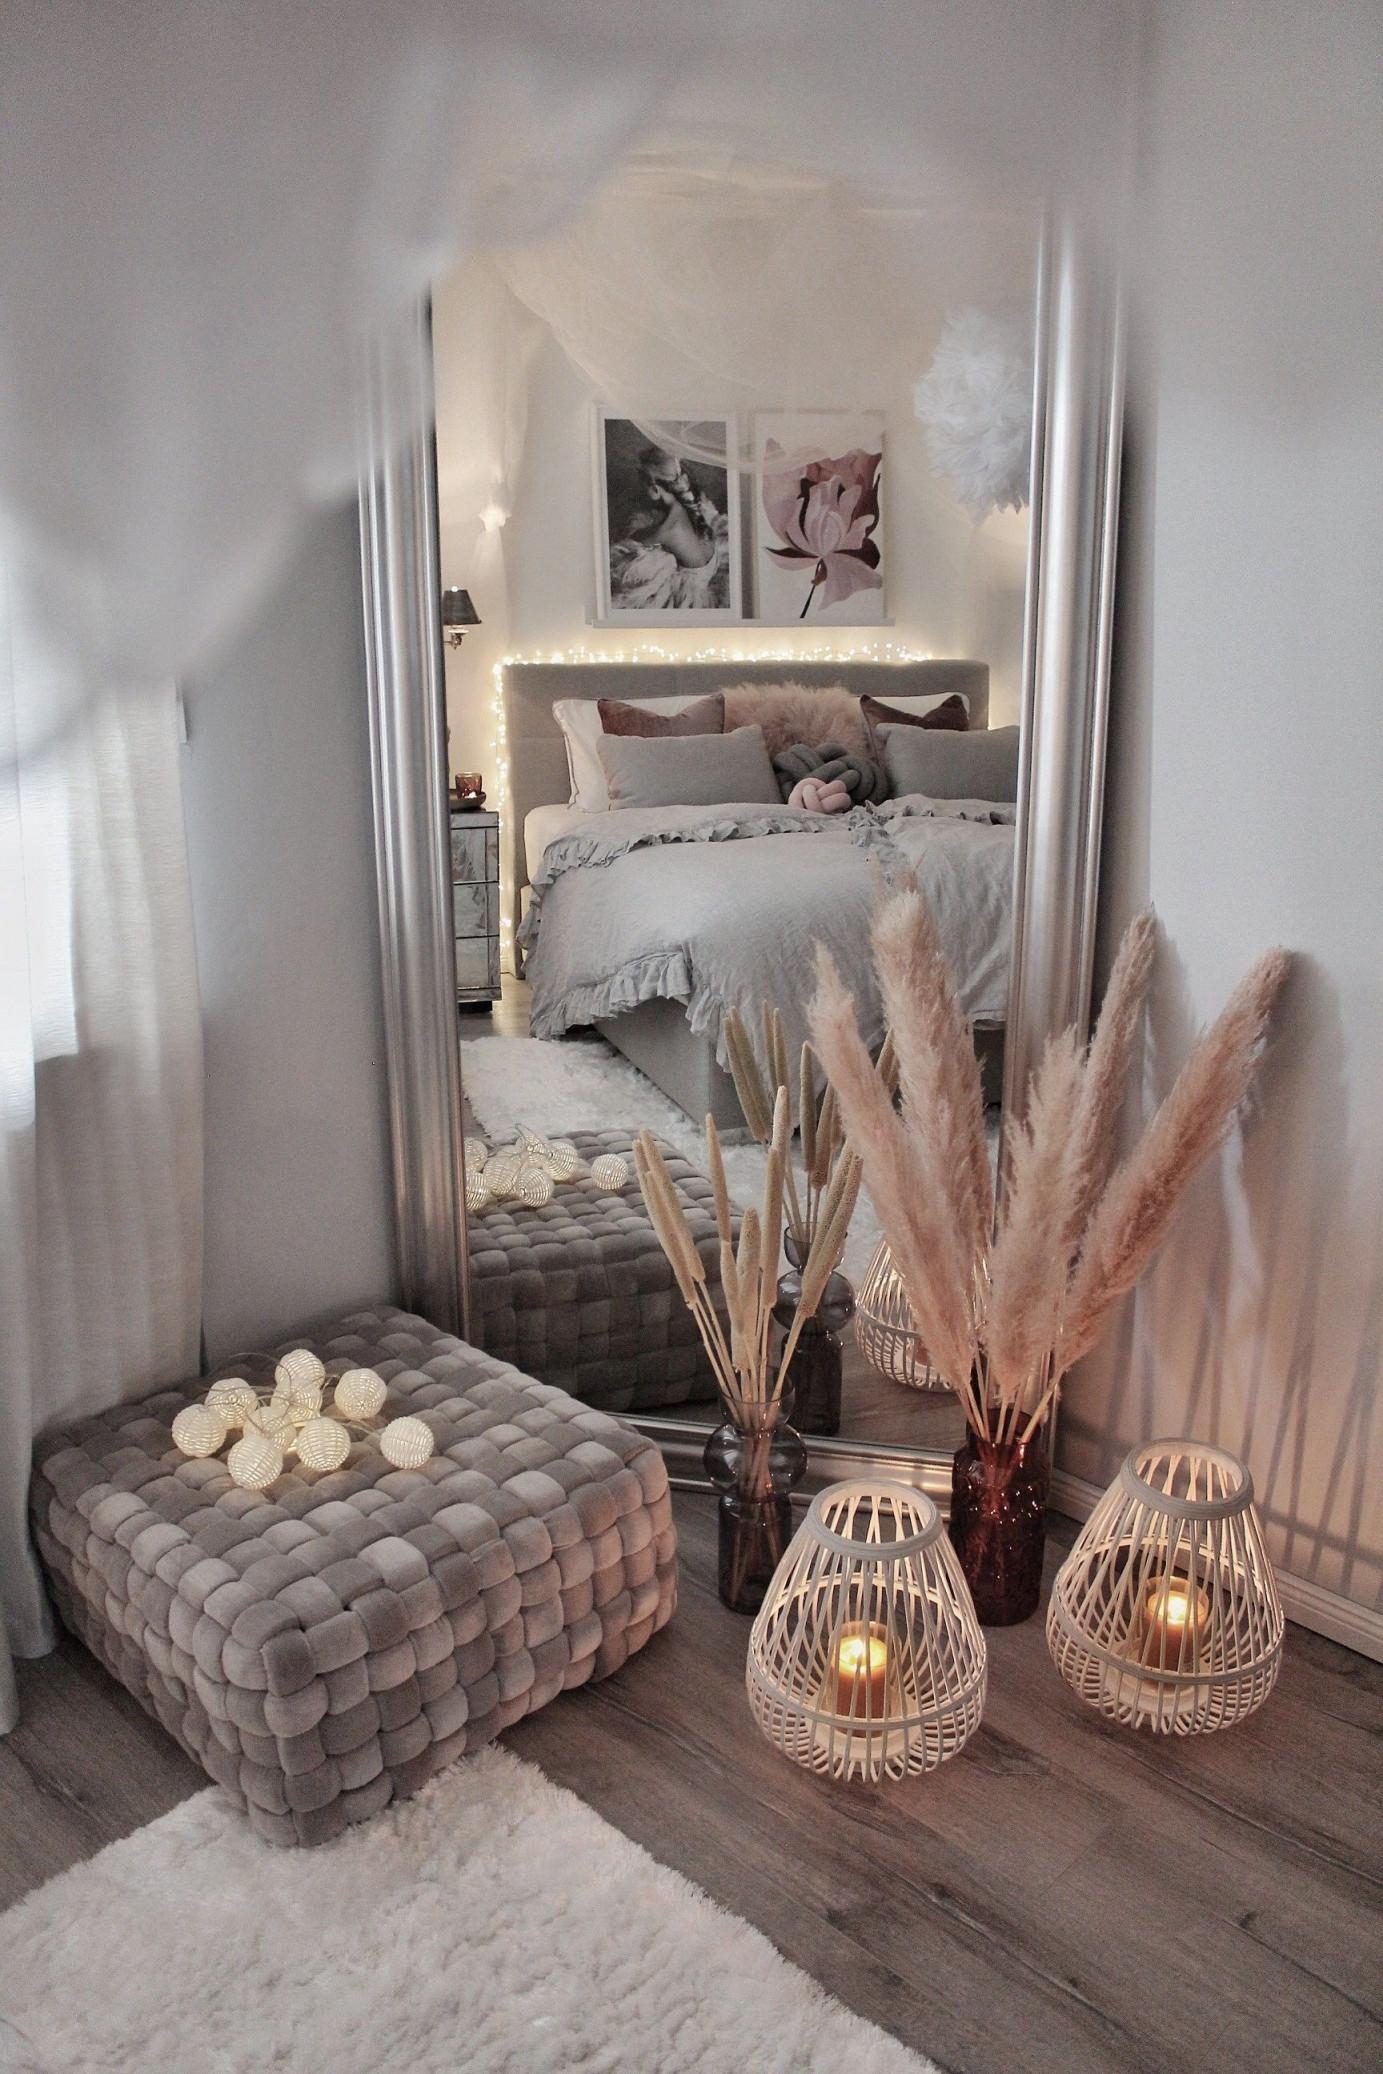 In Diesem Schlafzimmer Von @gozdee81 Wird Es Romantisch von Grosse Deko Für Wohnzimmer Bild